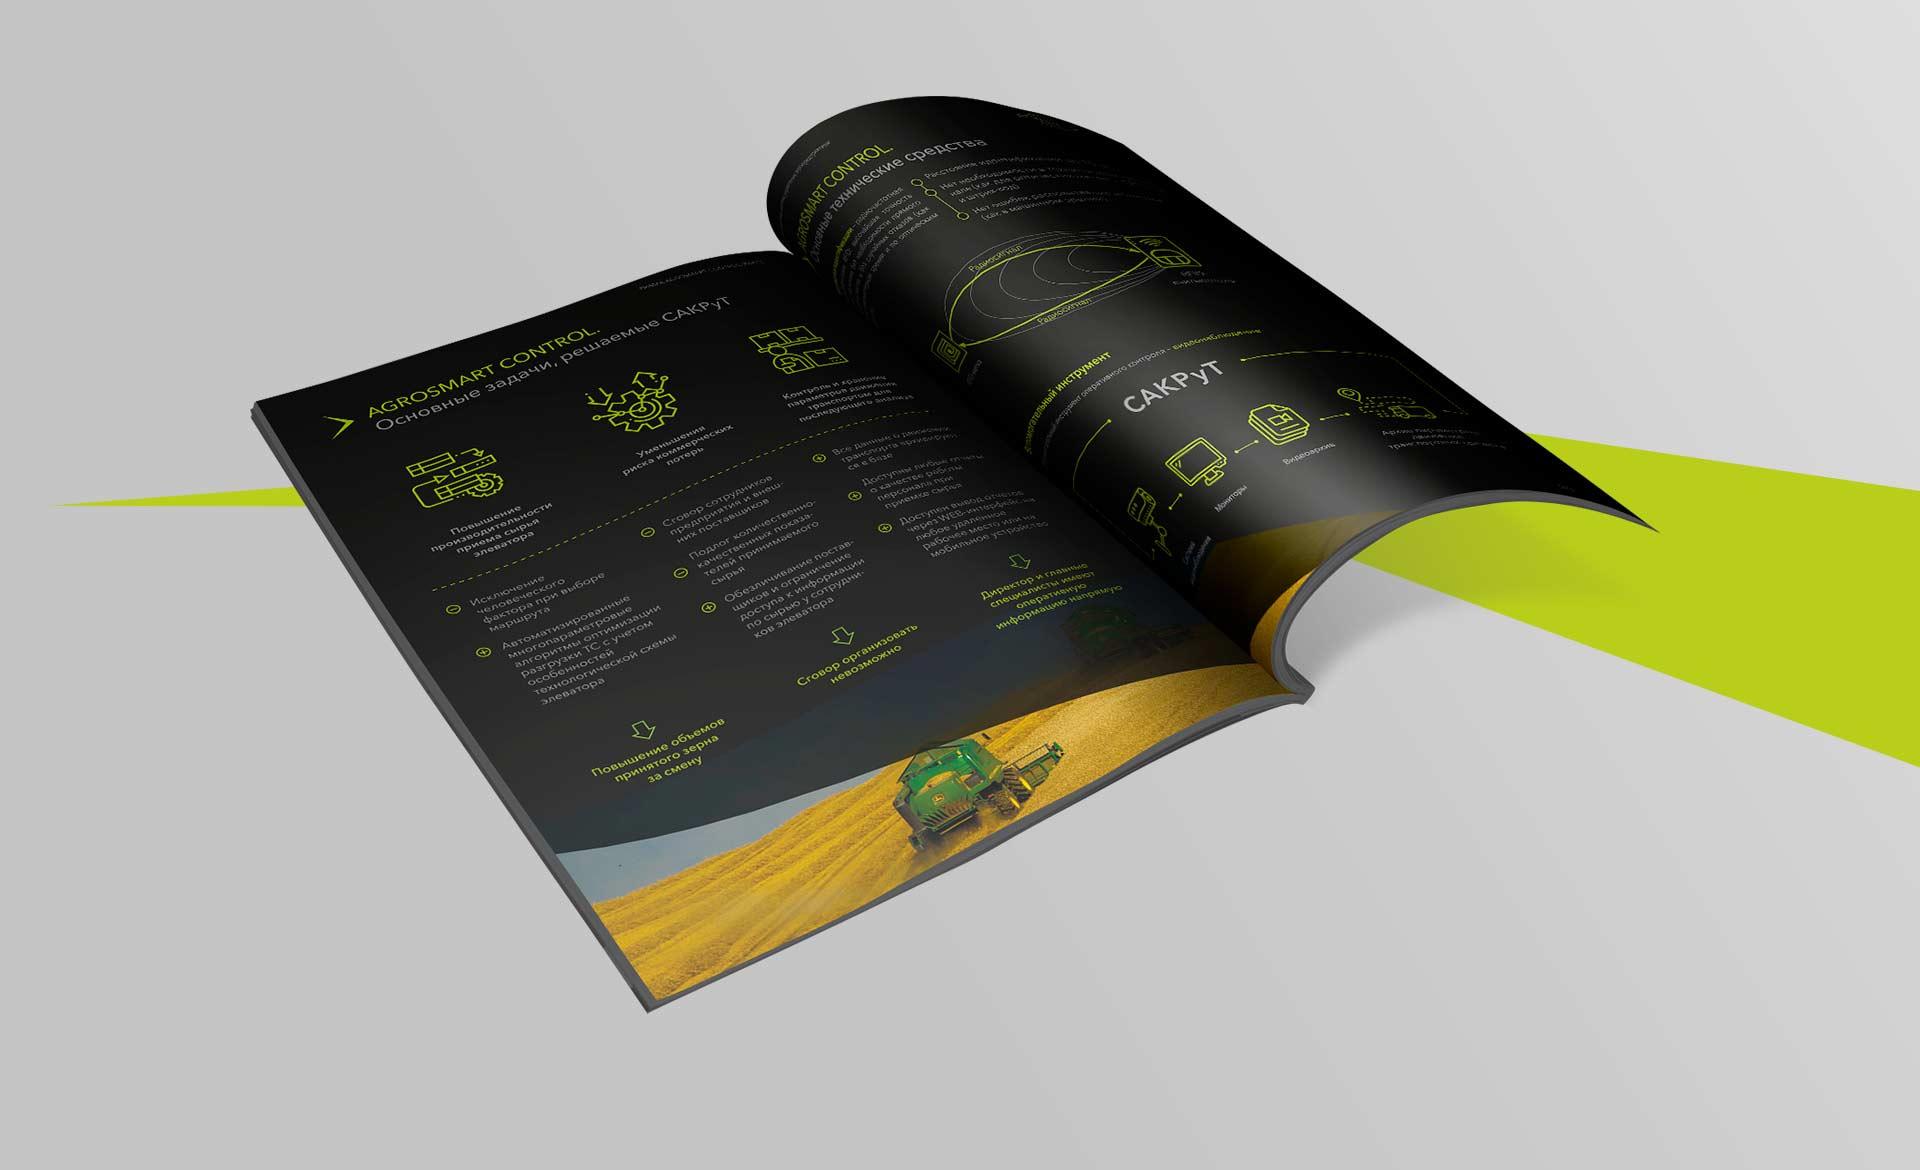 Рекламный буклет технологии AgroSmart Control для Prisma Energy Group